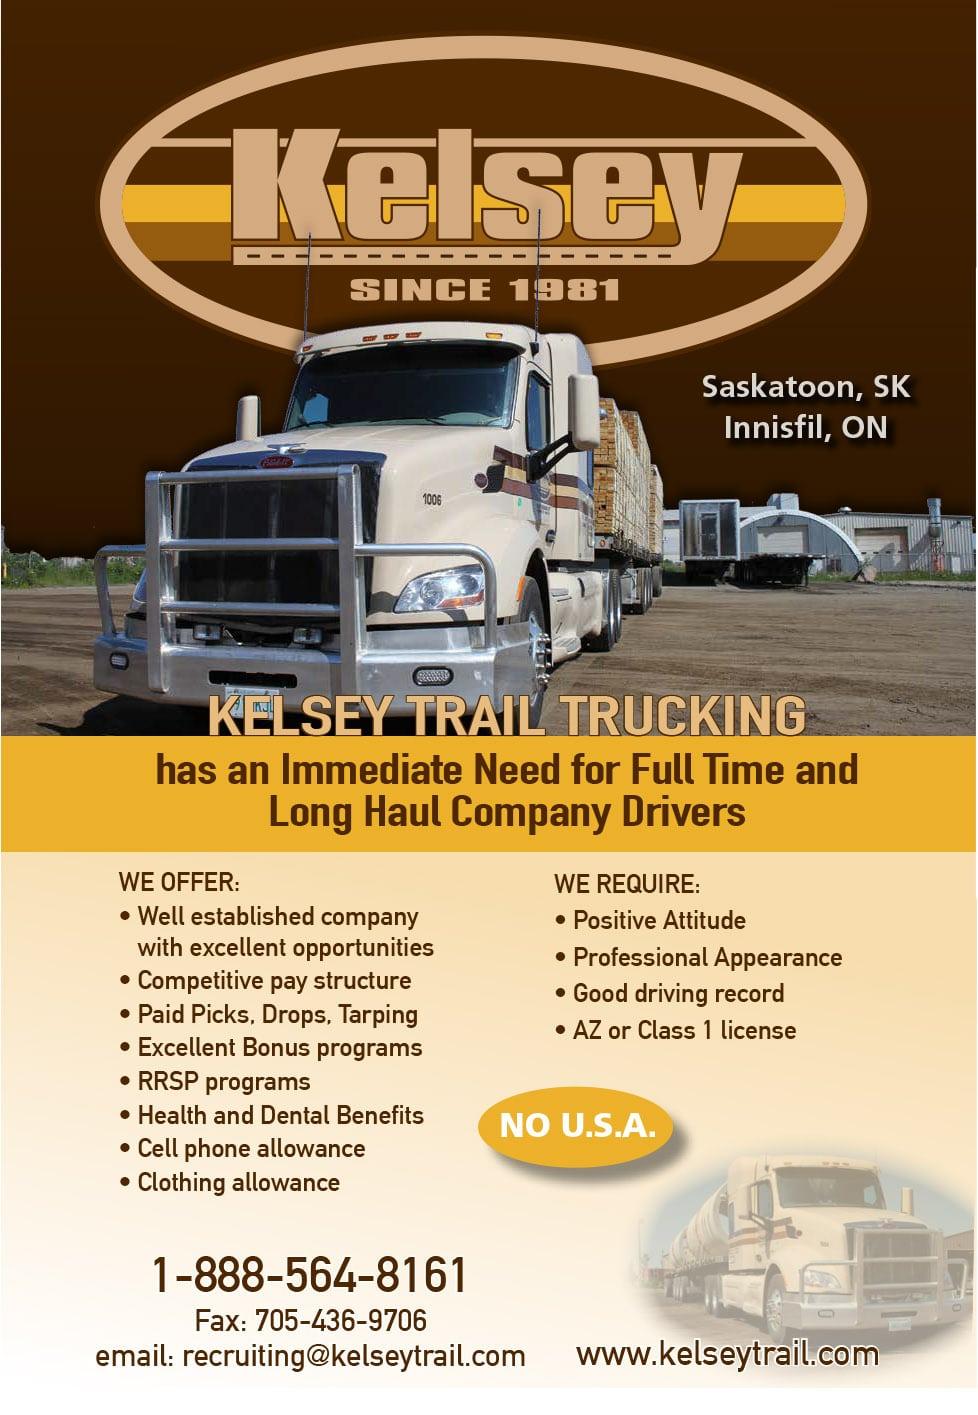 Kelsey Trail Trucking